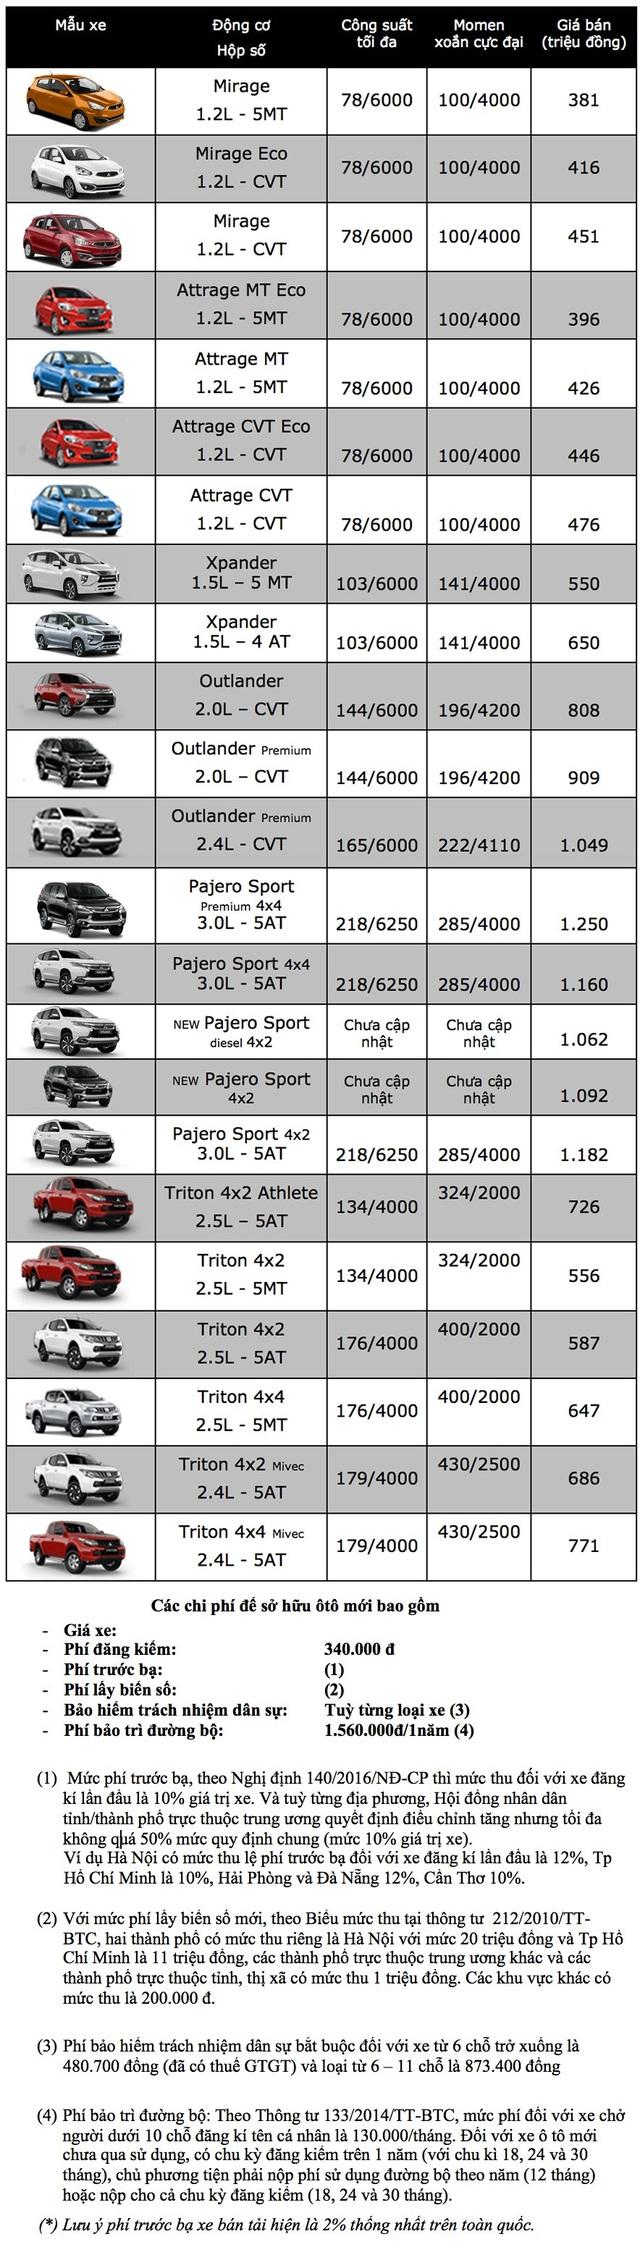 Bảng giá xe Mitsubishi tại Việt Nam cập nhật tháng 9/2018 - 1